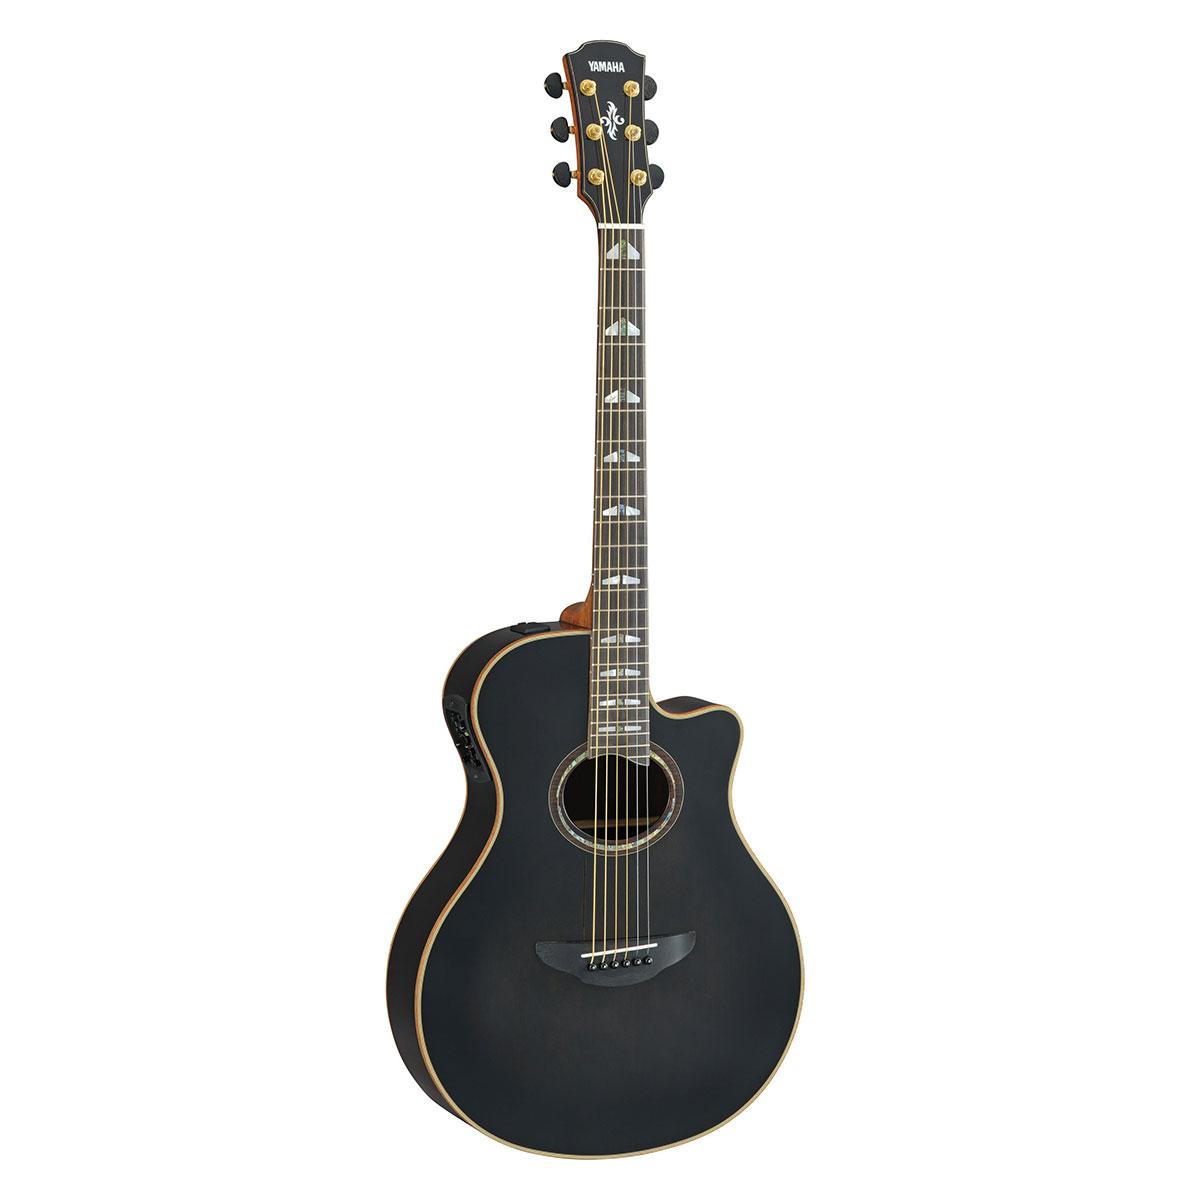 メーカーお取り寄せ品 YAMAHA エレアコギター APX1200II Translucent Black お月見 限定アイテム 粗品 お年始 割引